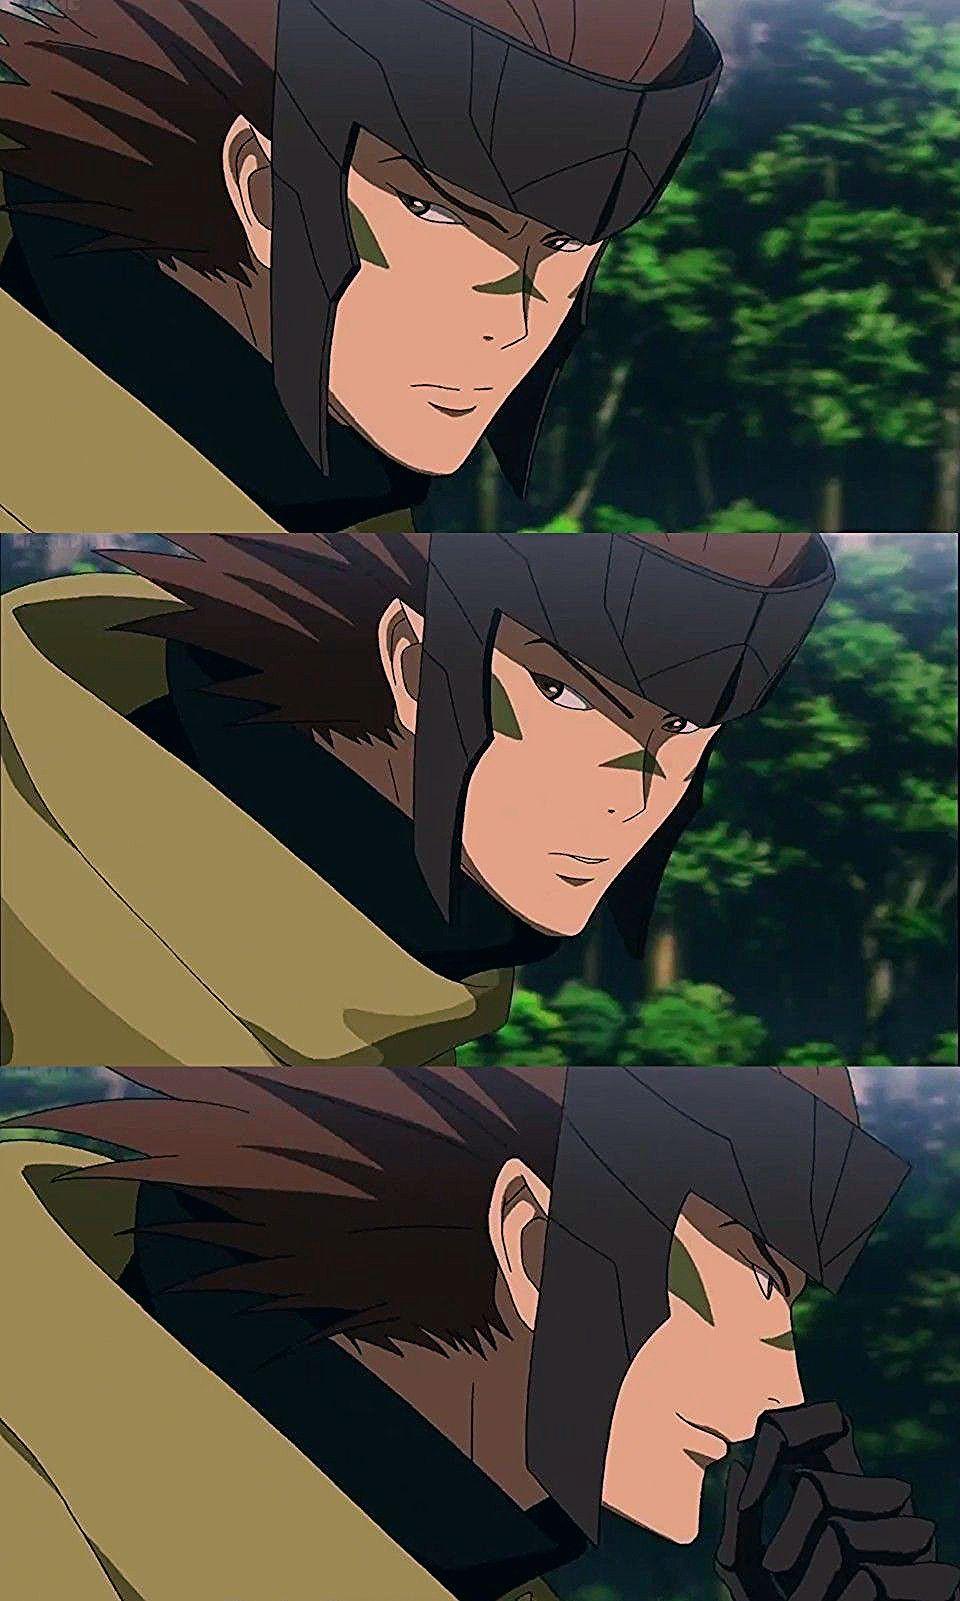 sarutobi sasuke sengoku basara basara sengoku basara sasuke